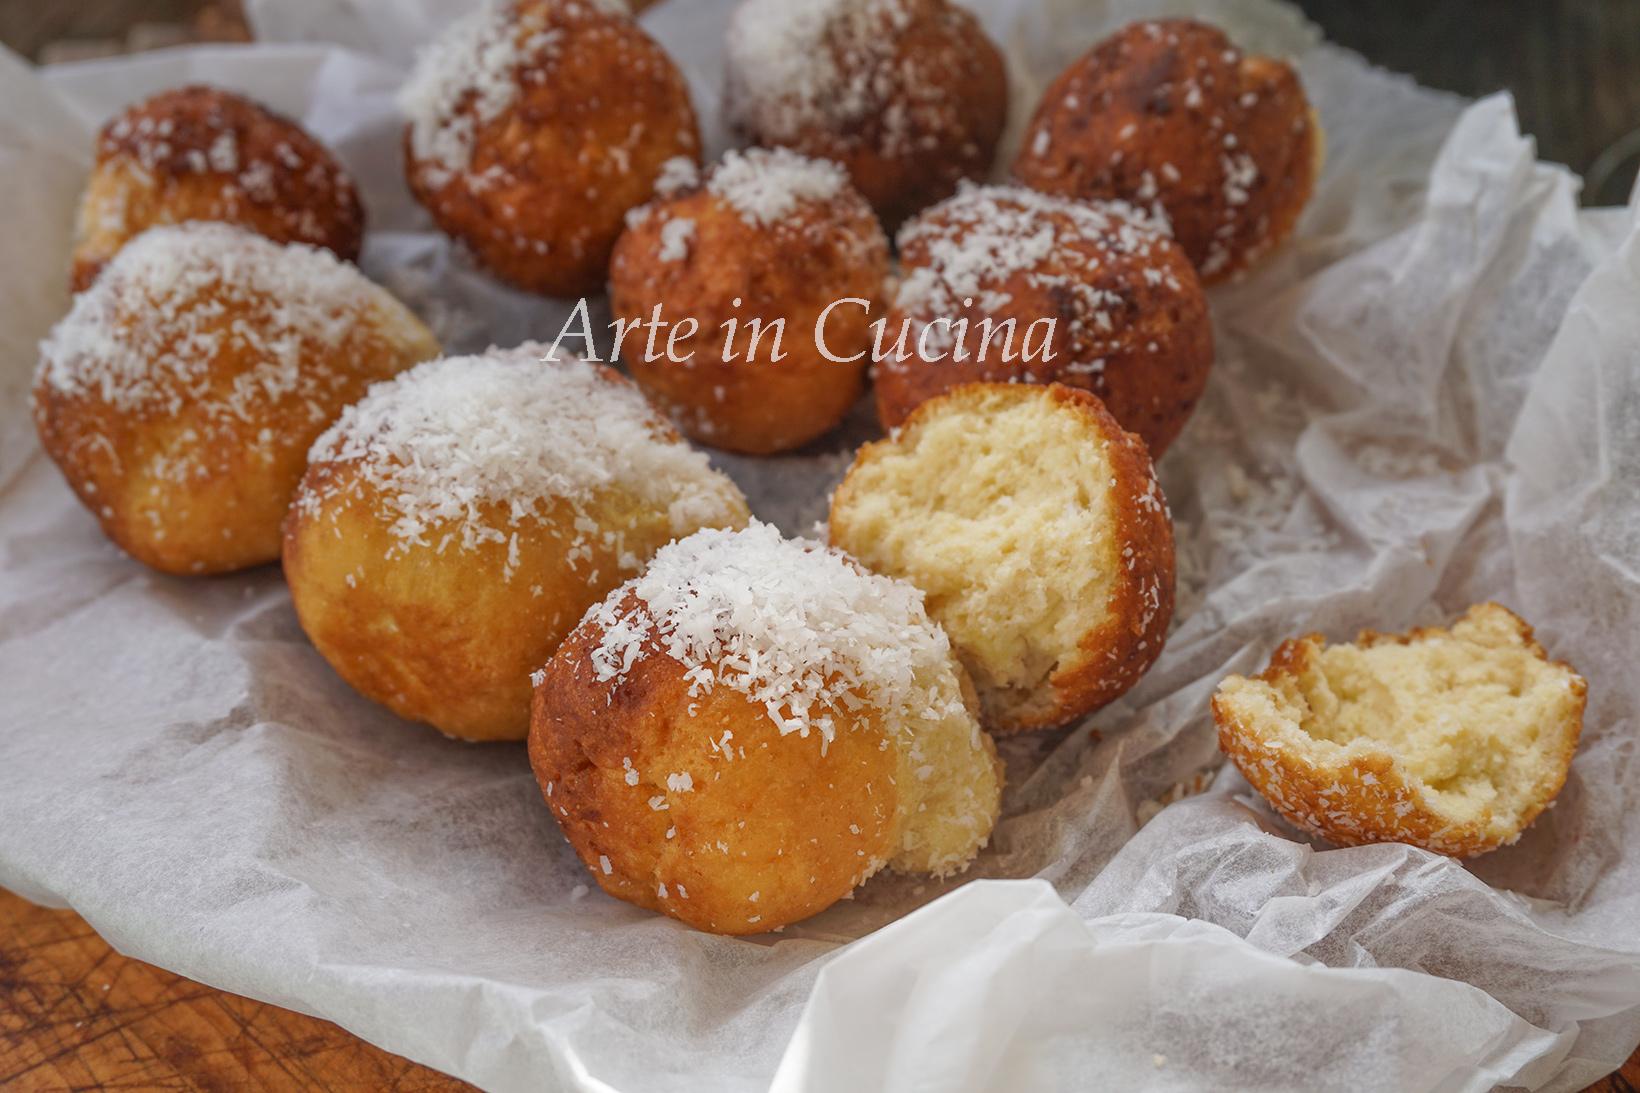 Castagnole al cocco ricetta dolci di carnevale vickyart arte in cucina